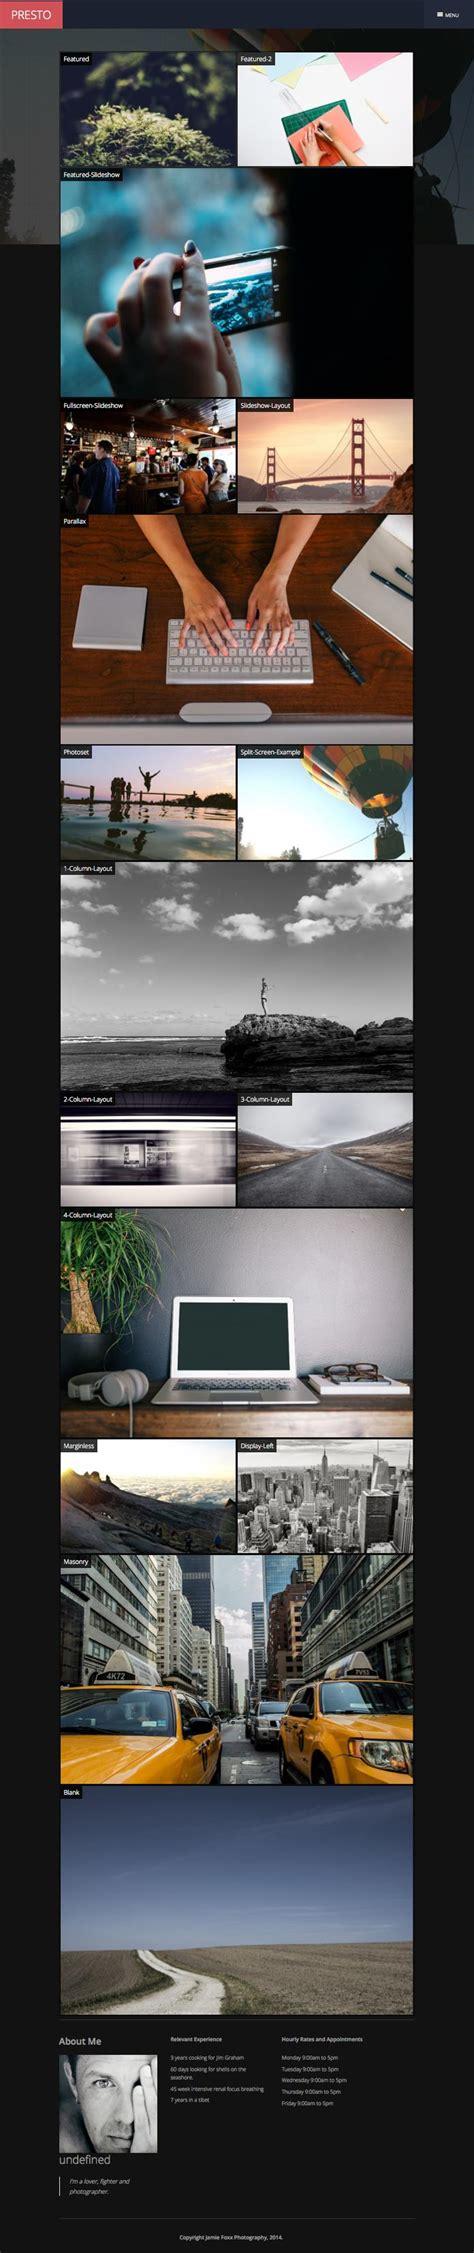 joomla themes gallery presto joomla ajax based drag drop gallery template